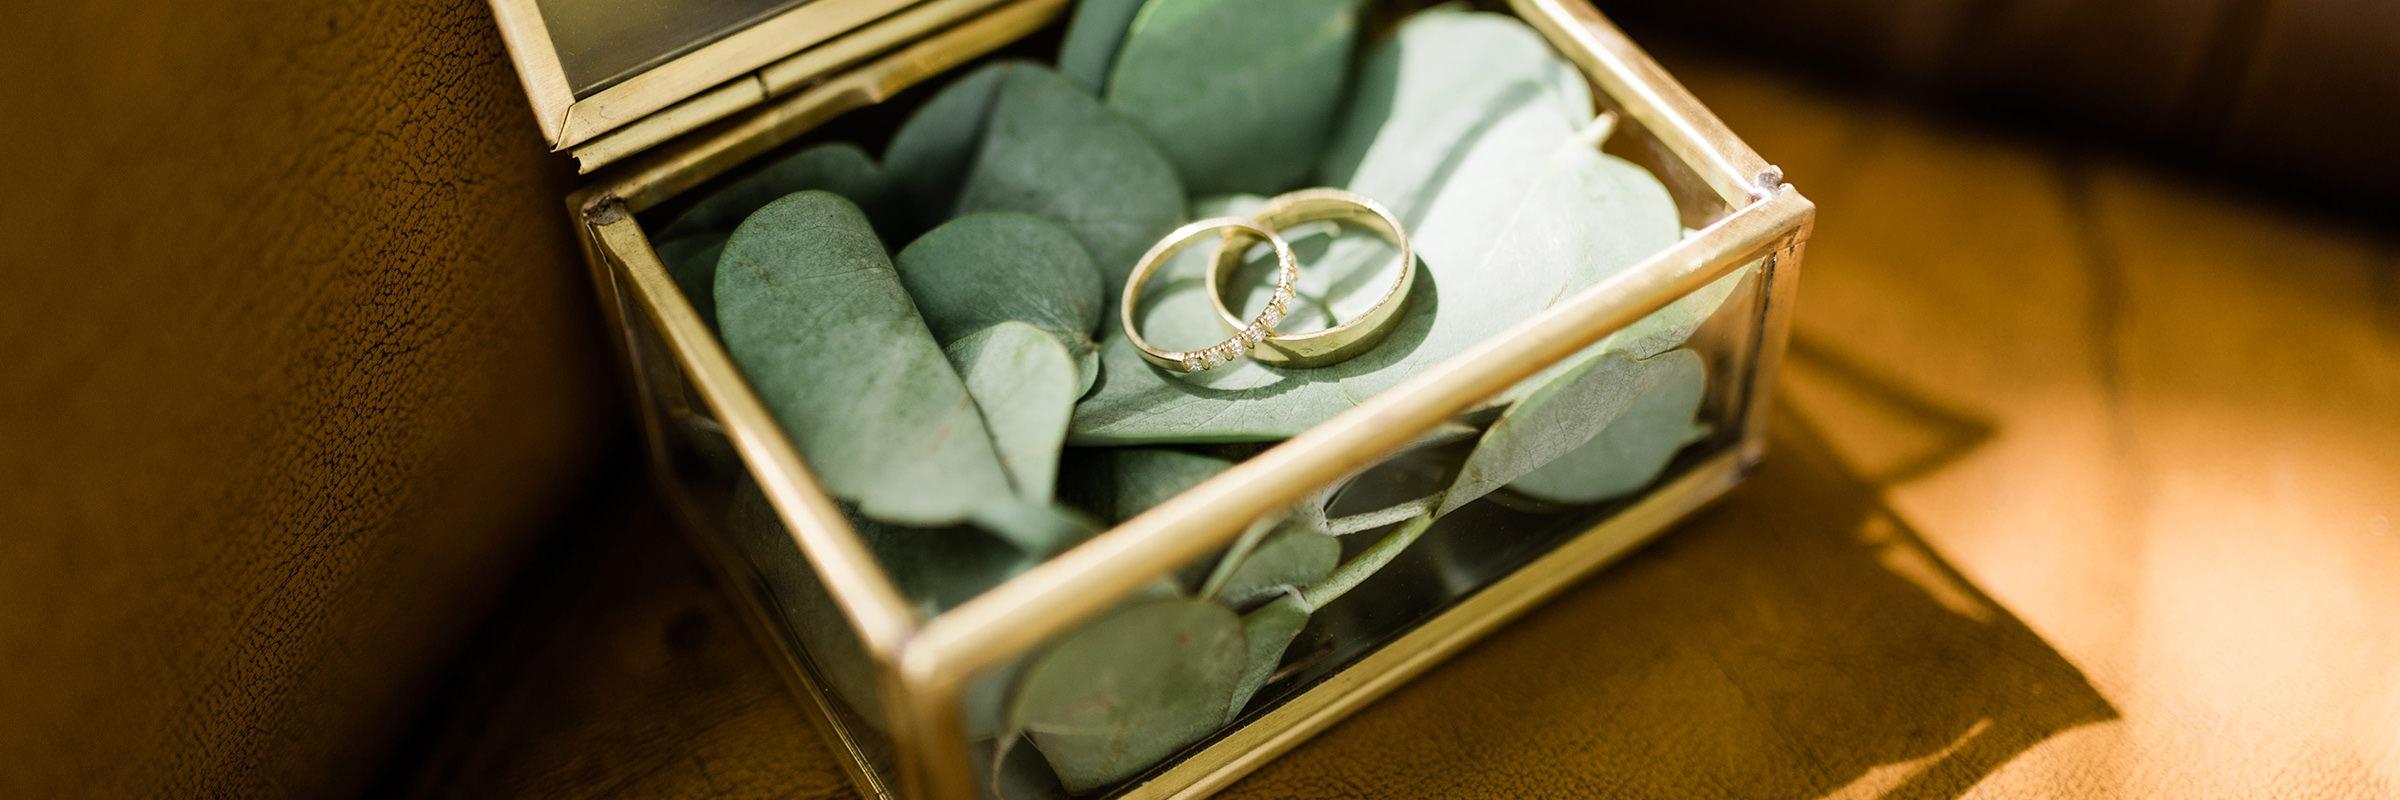 Mea Photography photographe de mariage à Rennes Vannes Lorient Saint Malo Fougères Bain de Bretagne (5)